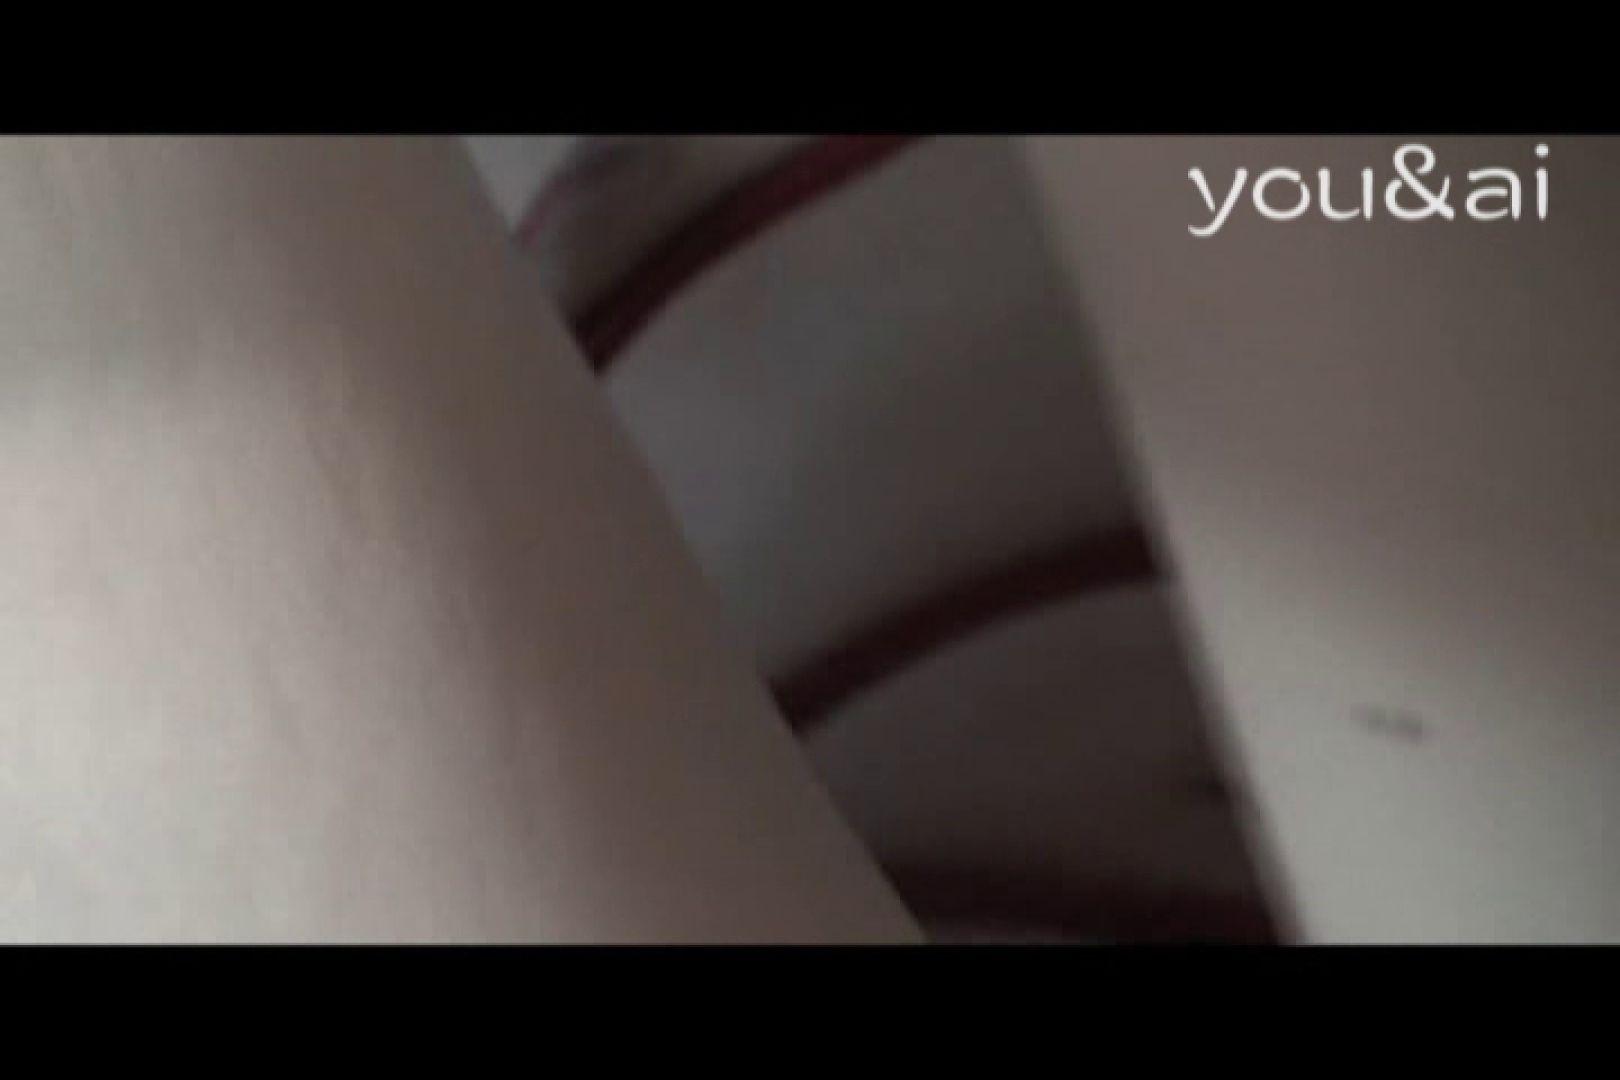 おしどり夫婦のyou&aiさん投稿作品vol.4 野外 性交動画流出 104枚 26